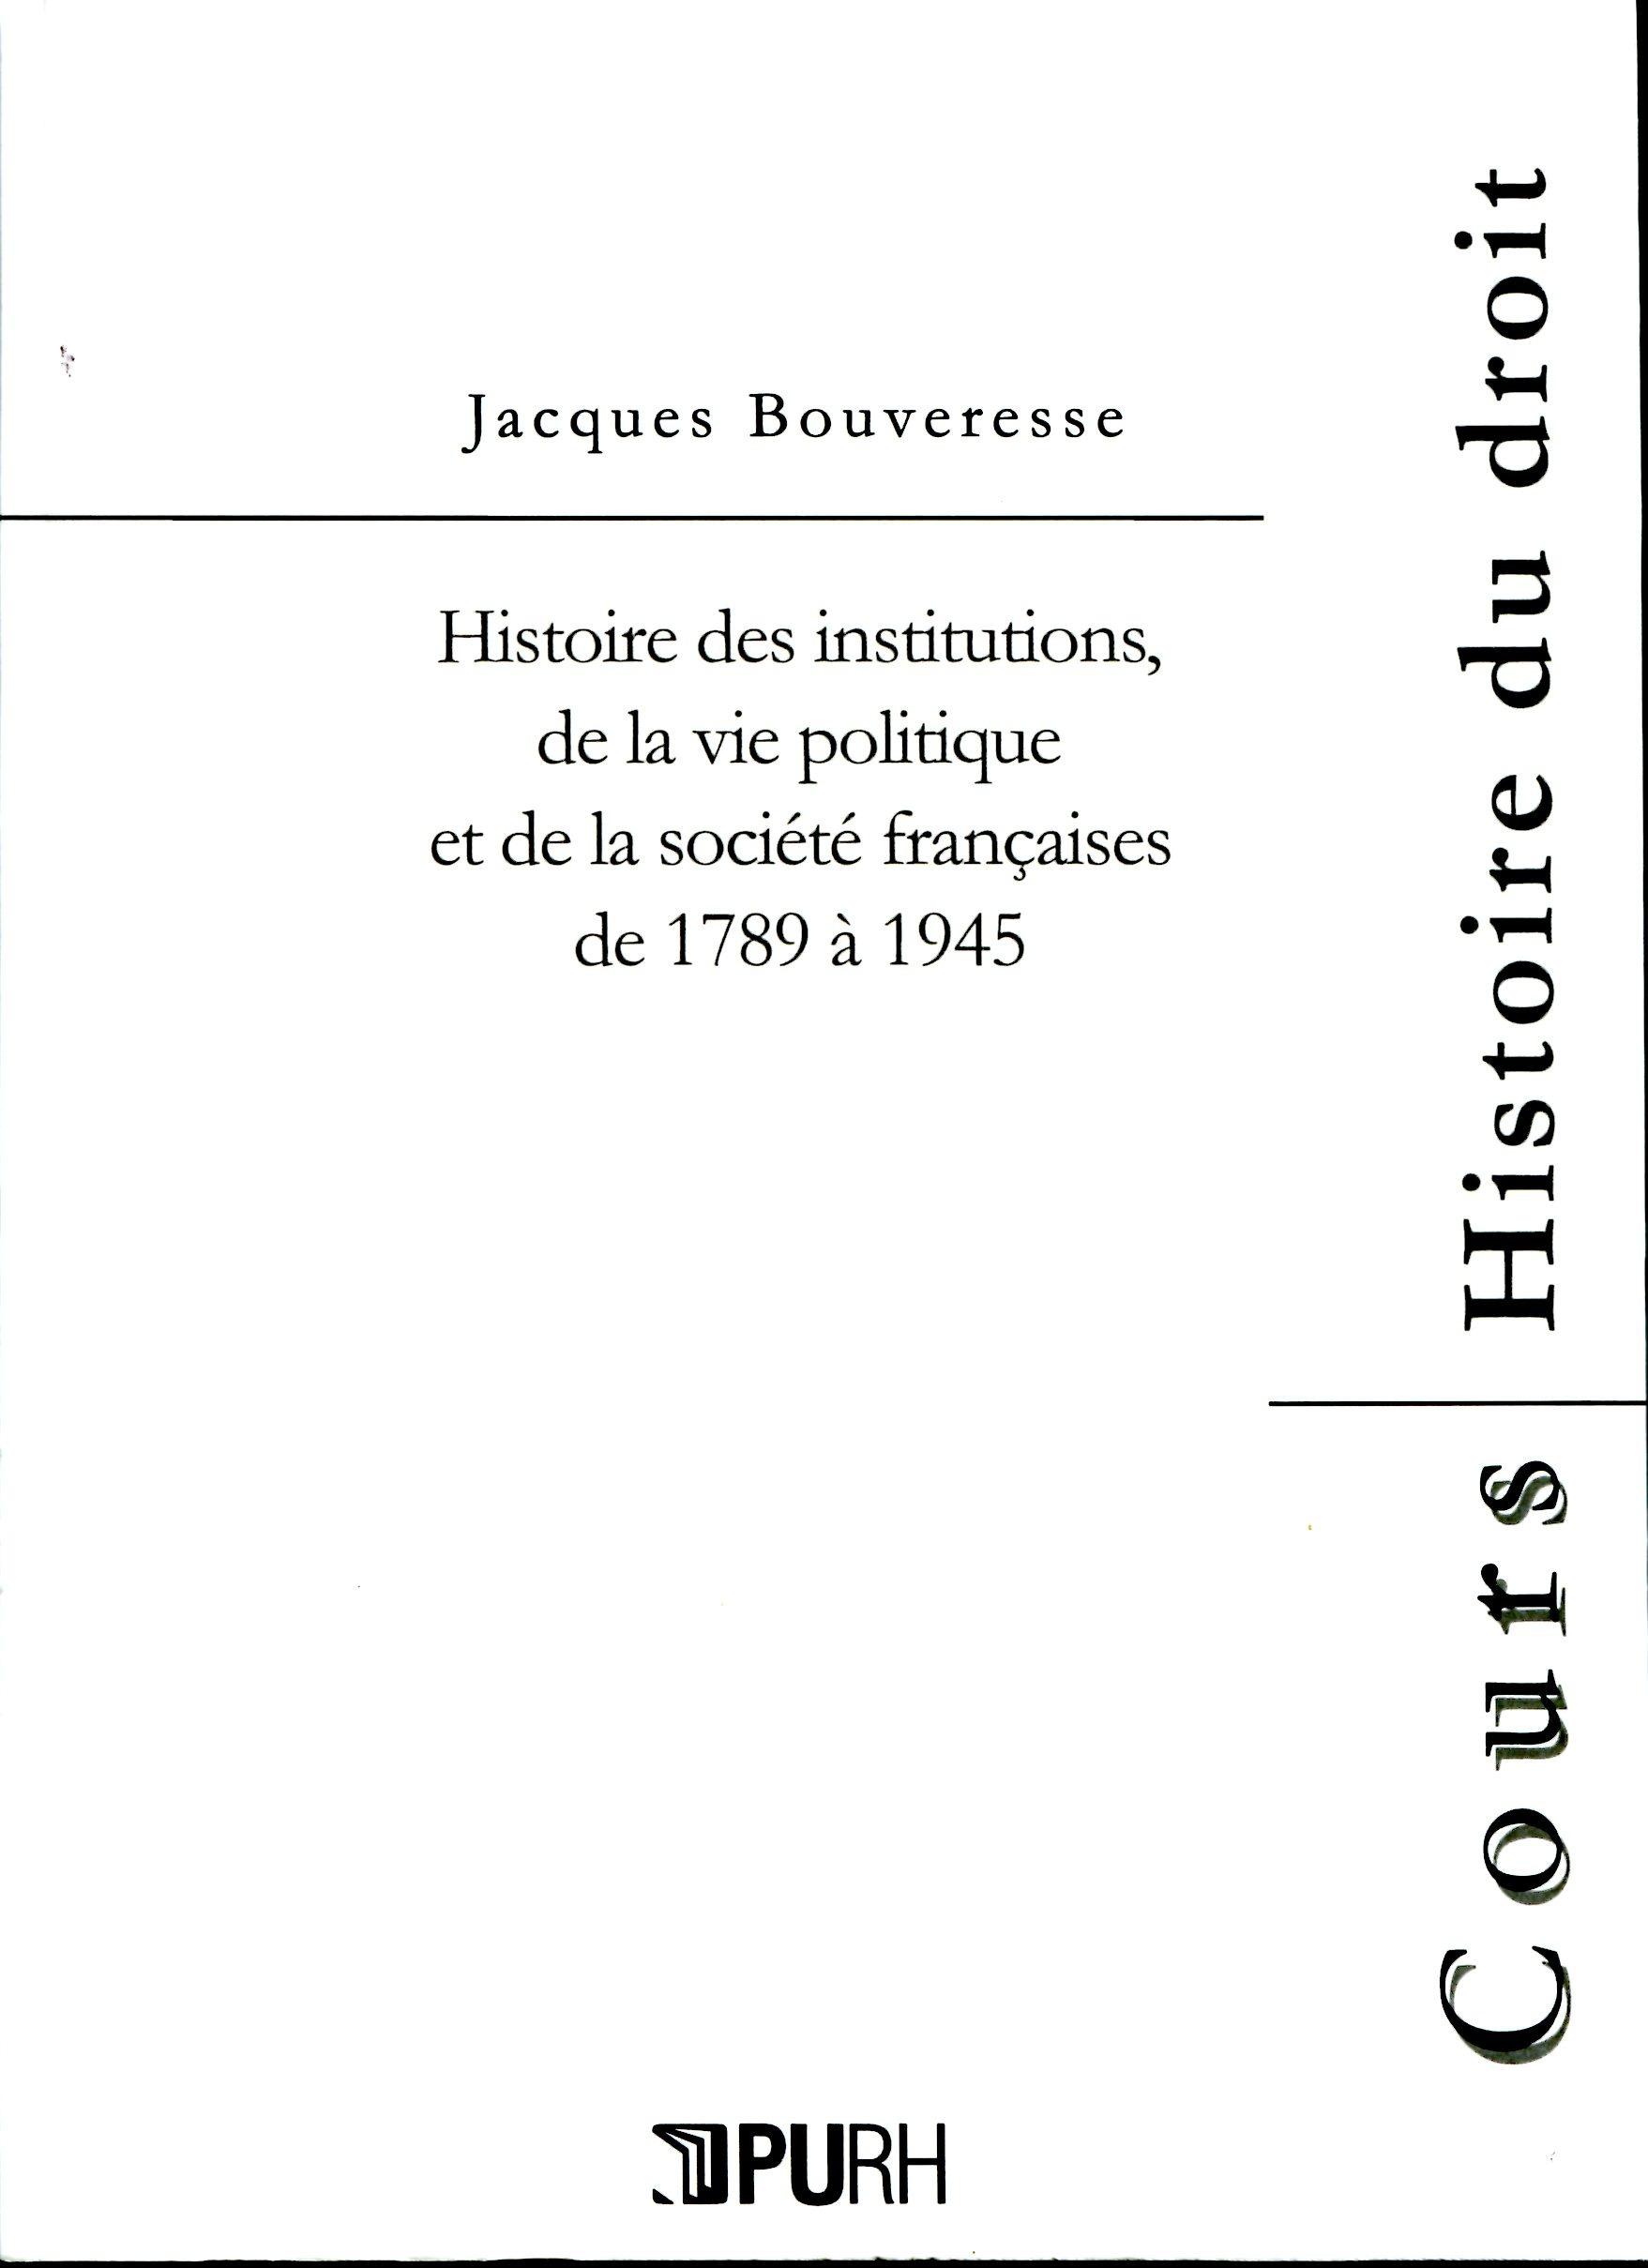 Jacques Bouveresse Histoire des institutions de la vie politique et de la société françaises de 1789 à 1945